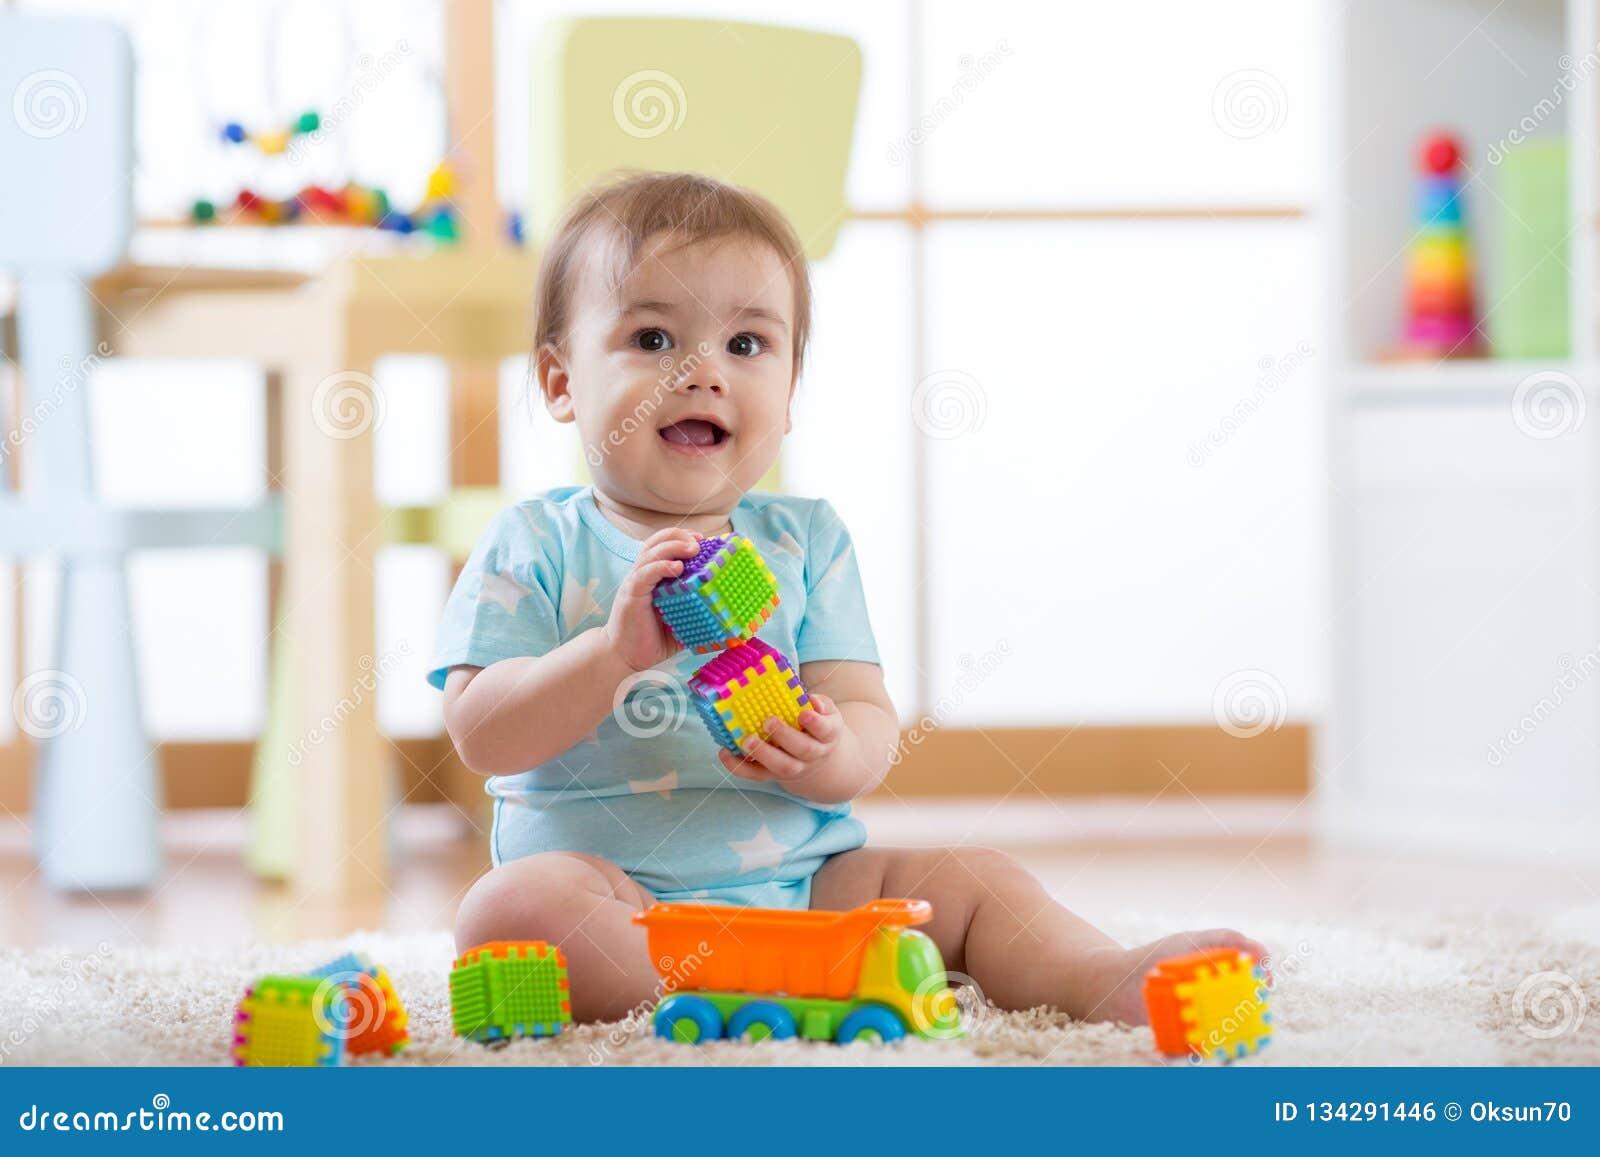 Bebé Juega En Niños Guardería Foto Que Los Juguetes O De Cuarto cTF1Jl3uK